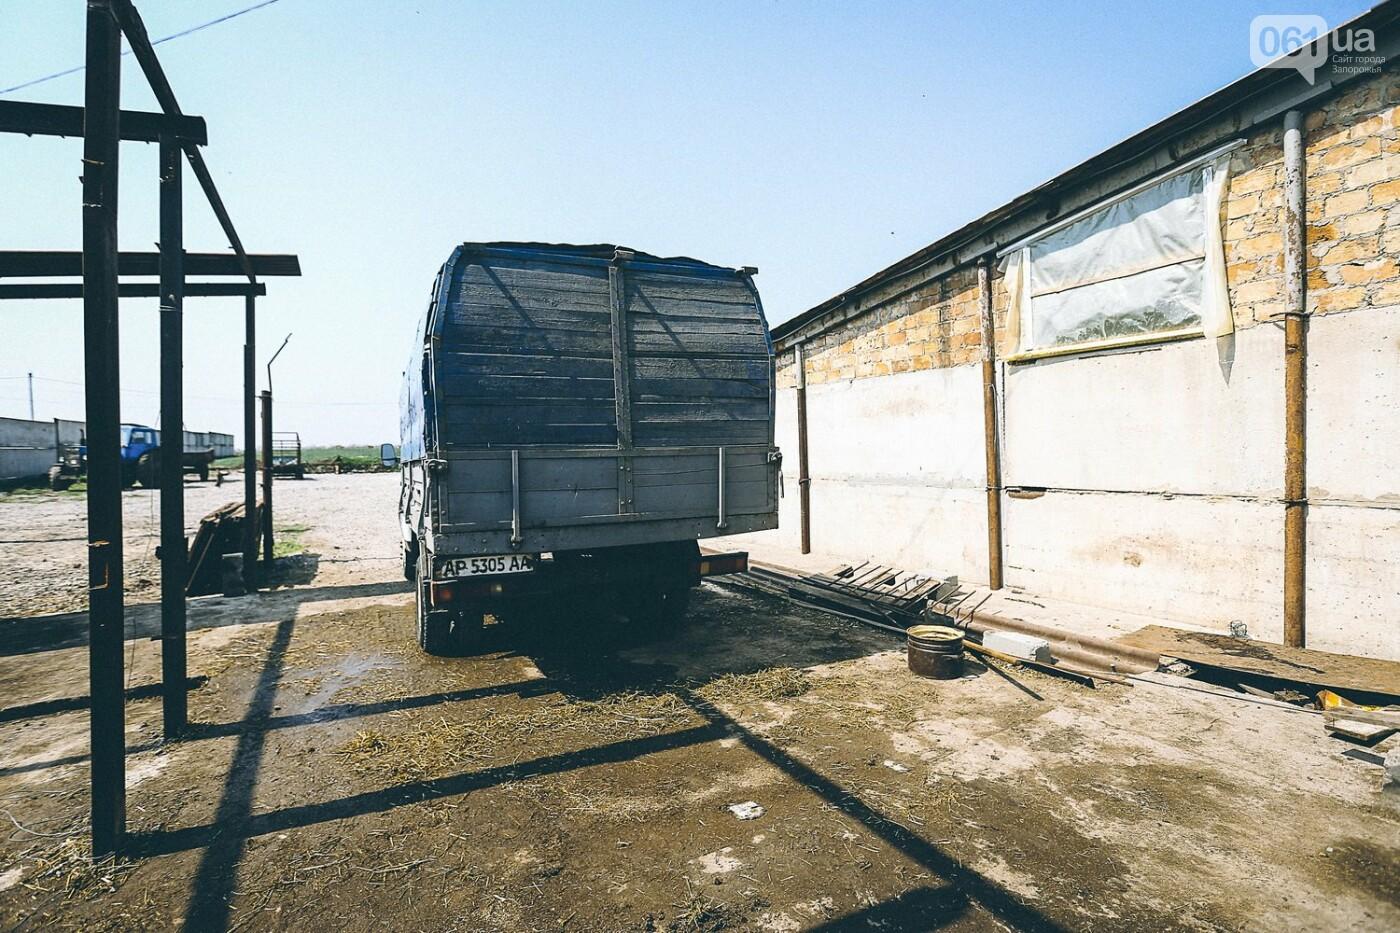 Забой скота в Украине приходит к европейским стандартам - ФОТОРЕПОРТАЖ 18+, фото-1